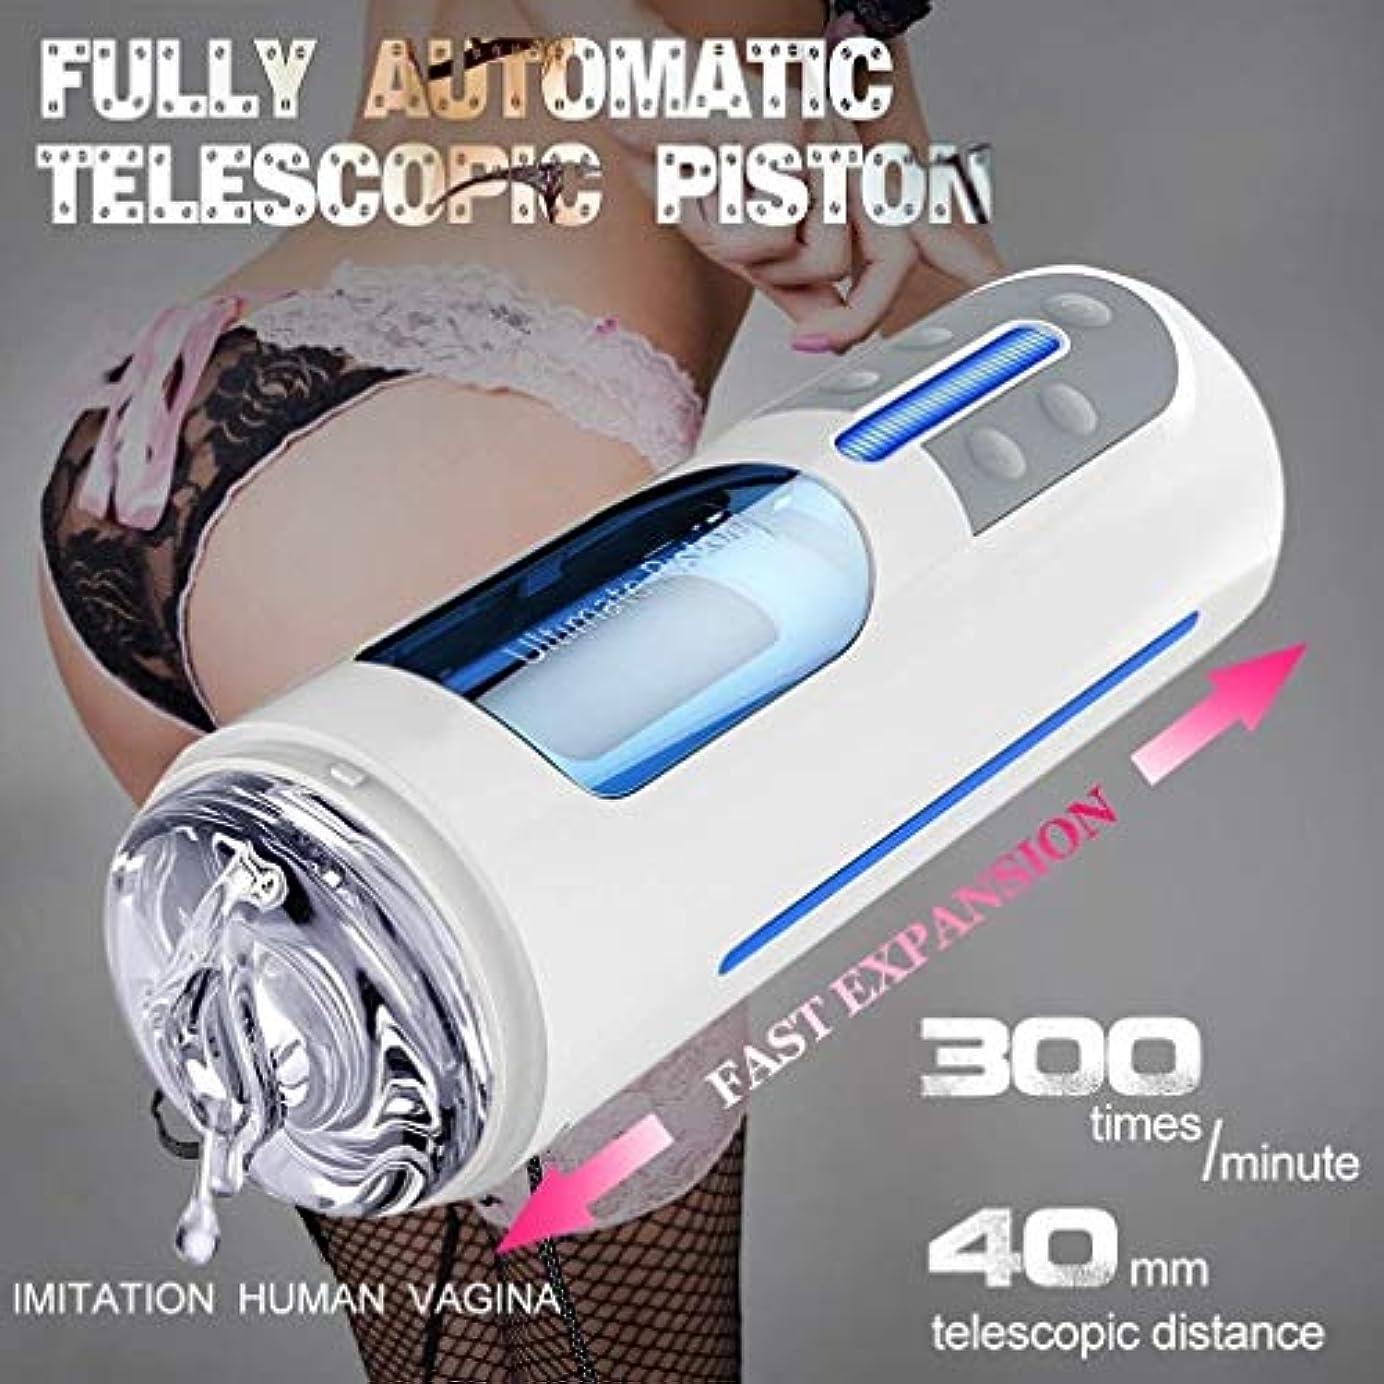 フェリー器用ショップ男性用セックスマシンピストン男性マシュターバターカップマルチスピード周波数マルチアングルサックテレスコピック電気10振動モード5スピード